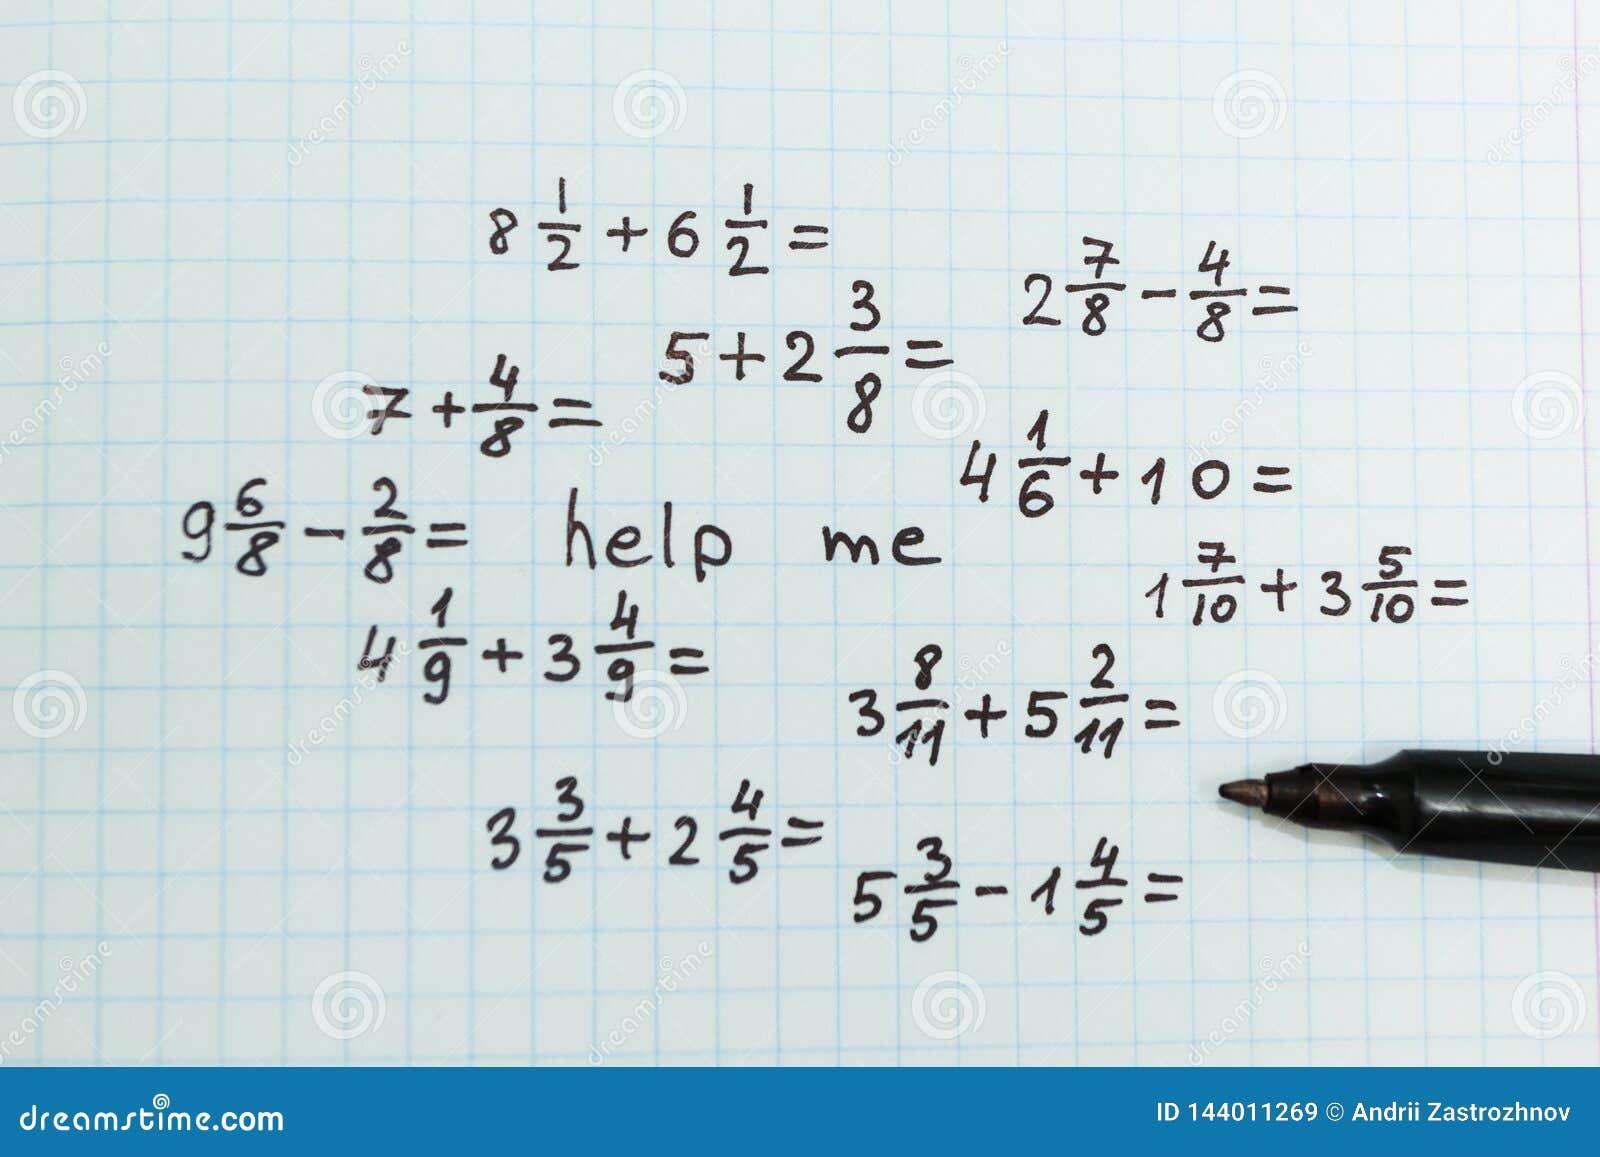 O Problema Na Matematica E Ajudar Me Vista Superior Imagem De Stock Imagem De Vista Ajudar 144011269